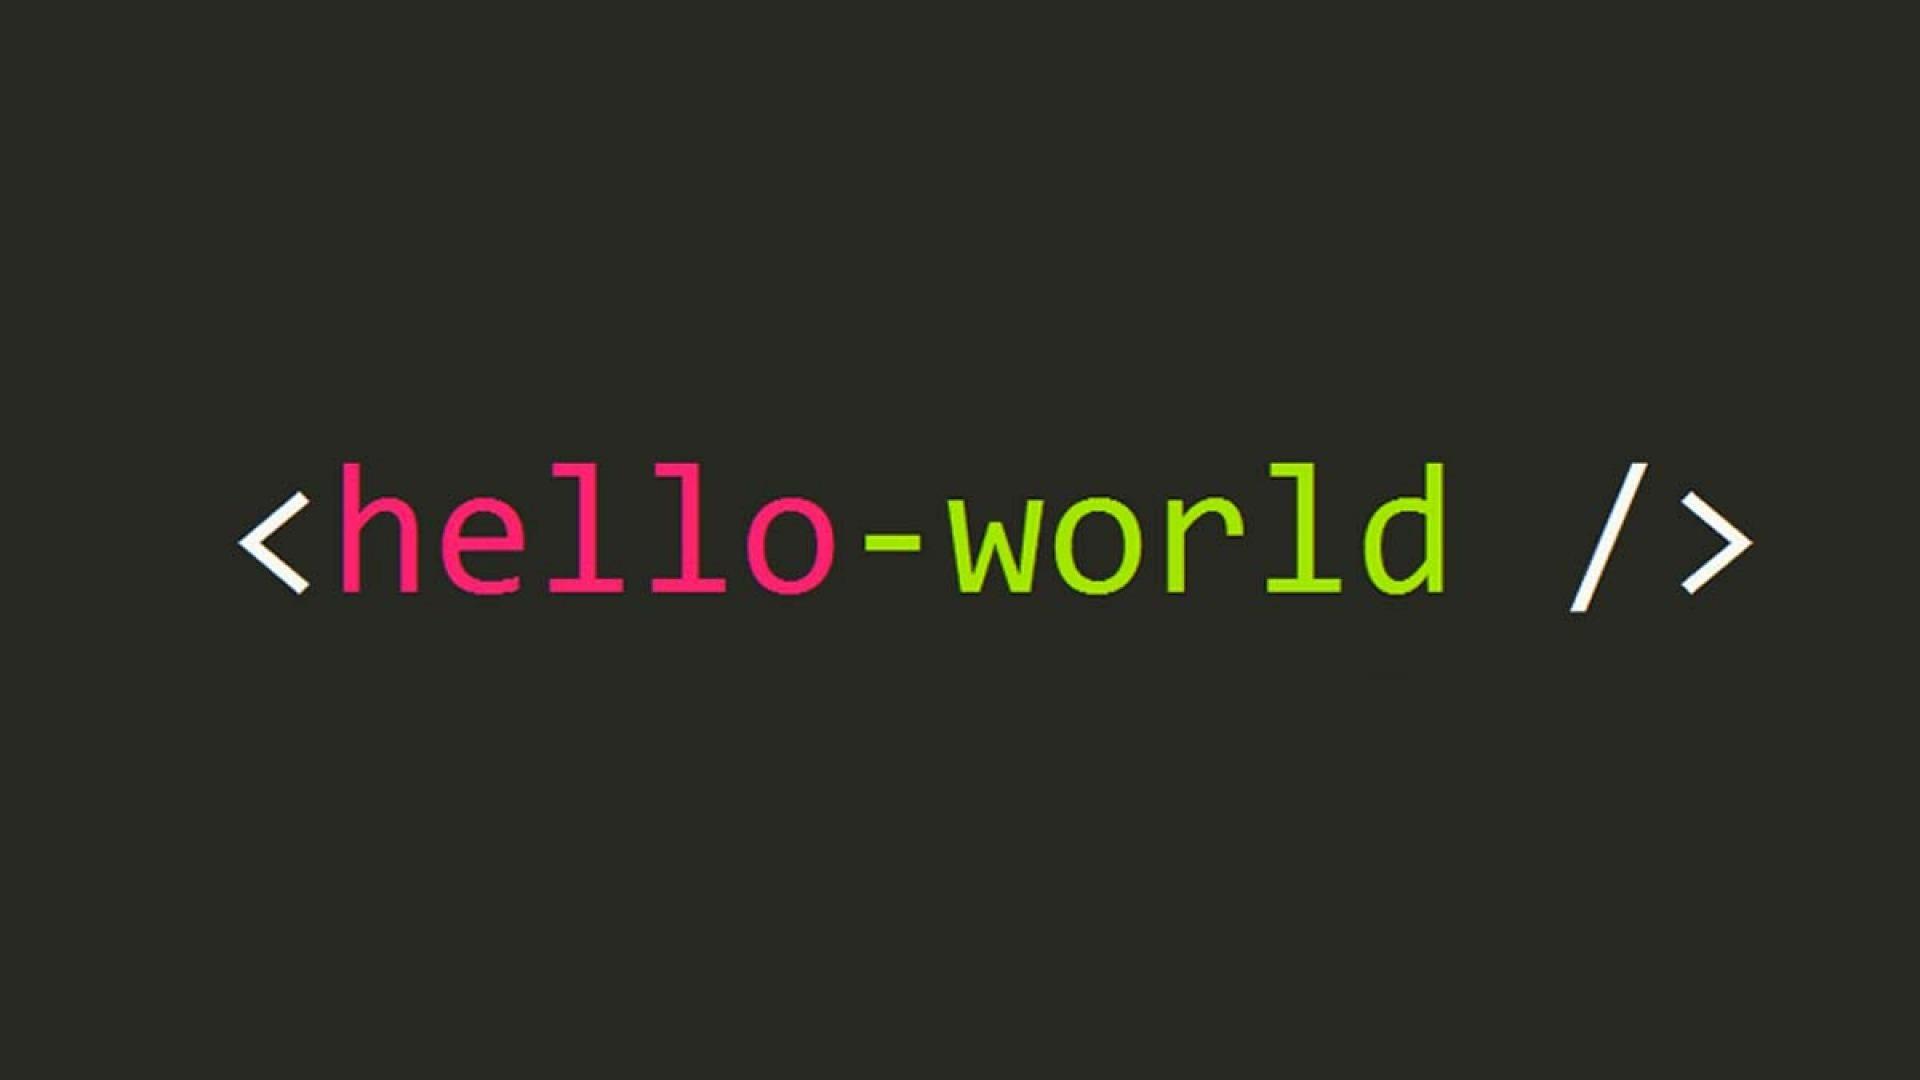 Comunicare online al mondo!